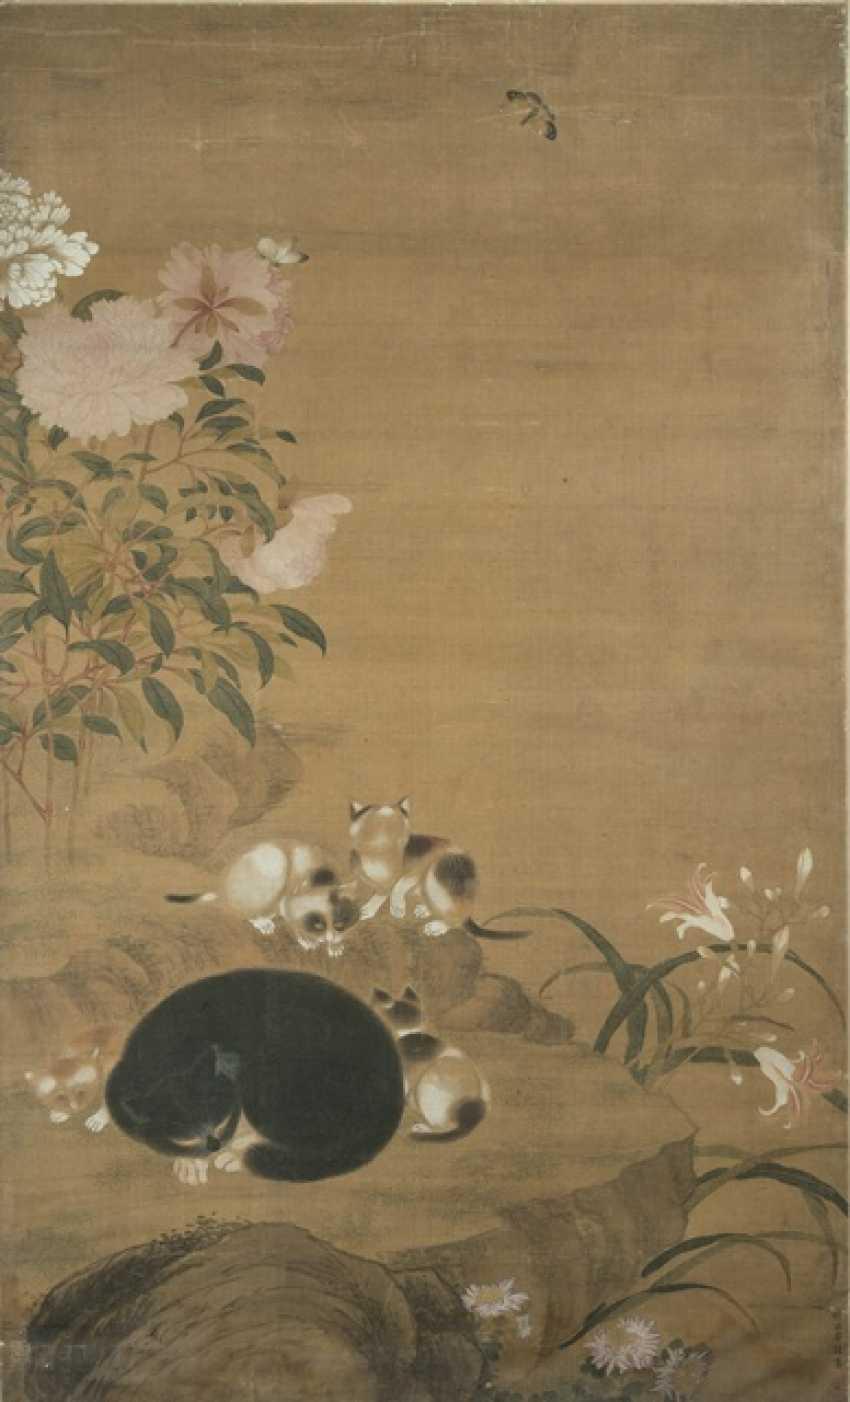 Кошка мать рядом с молодыми лилии и пионы - фото 1